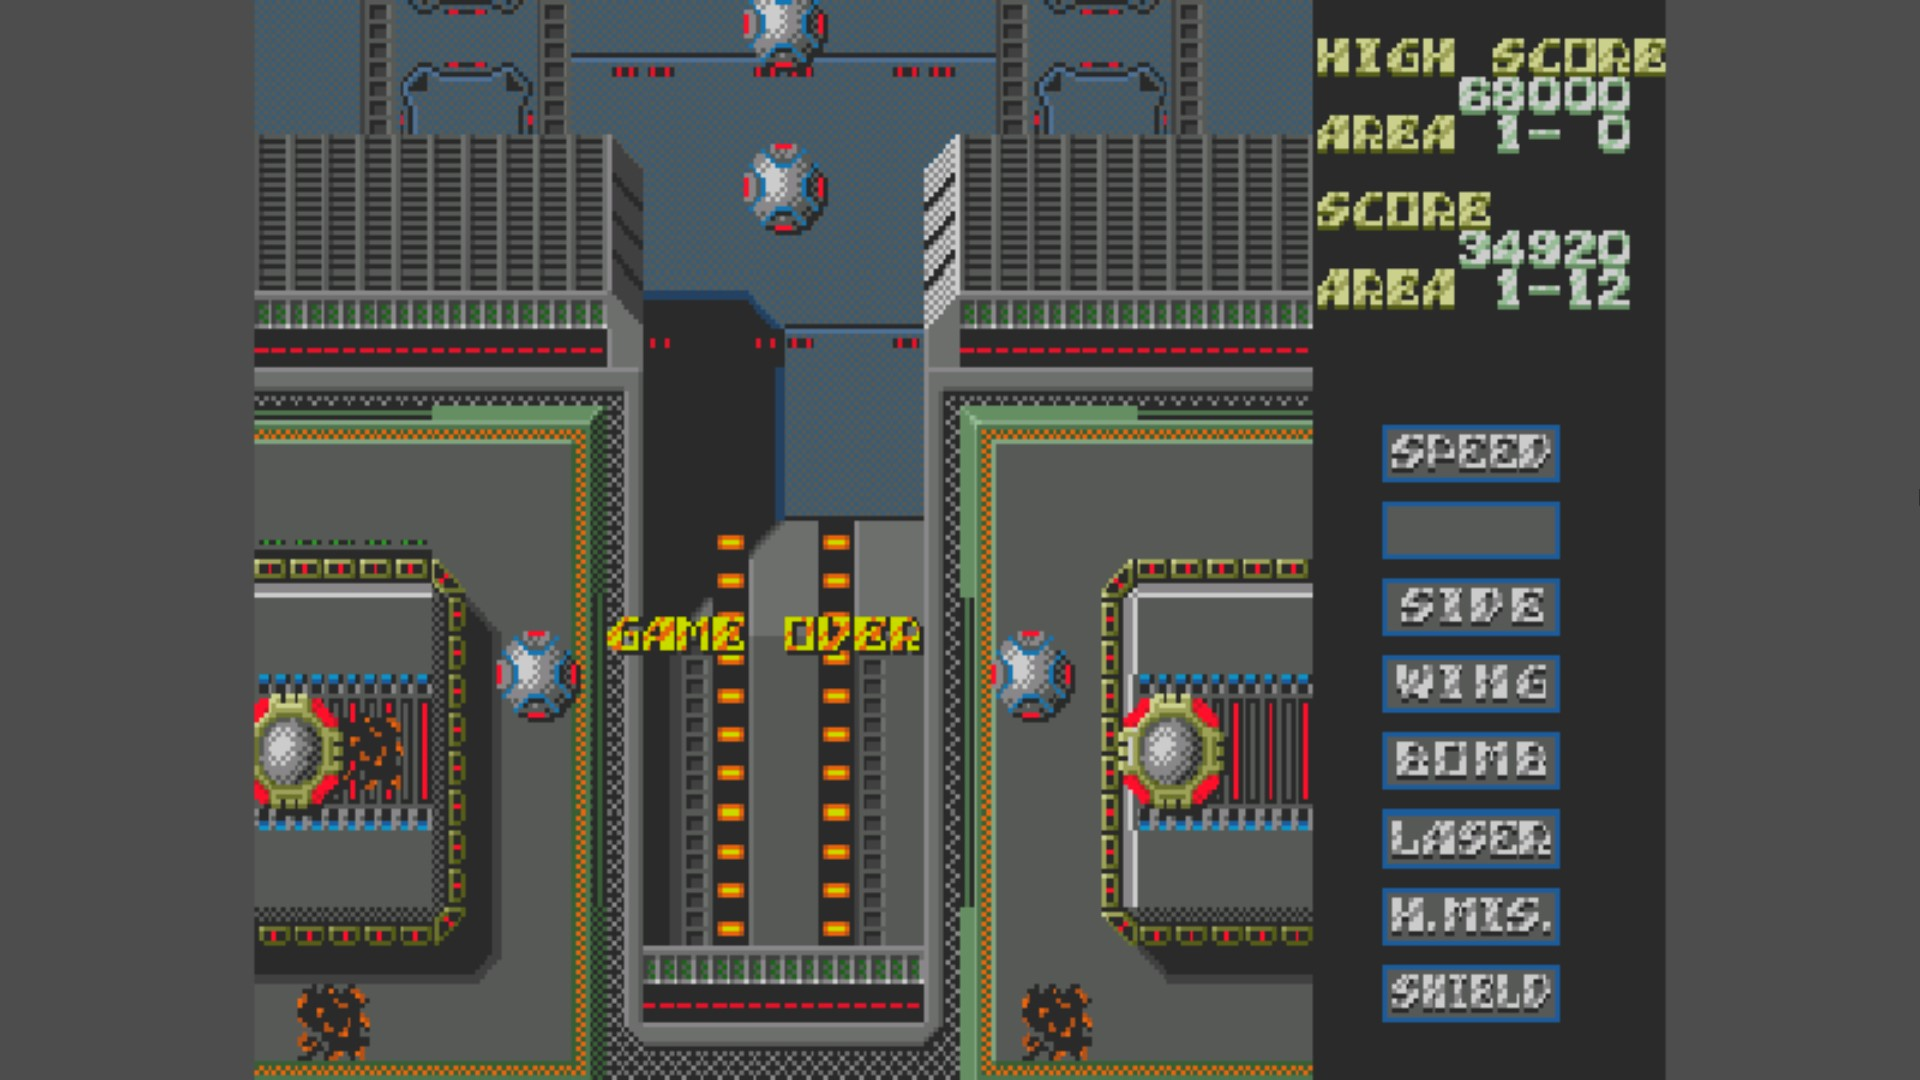 AkinNahtanoj: Slap Fight [Type Special] [Hard] (Sega Genesis / MegaDrive Emulated) 34,920 points on 2020-10-26 15:09:04